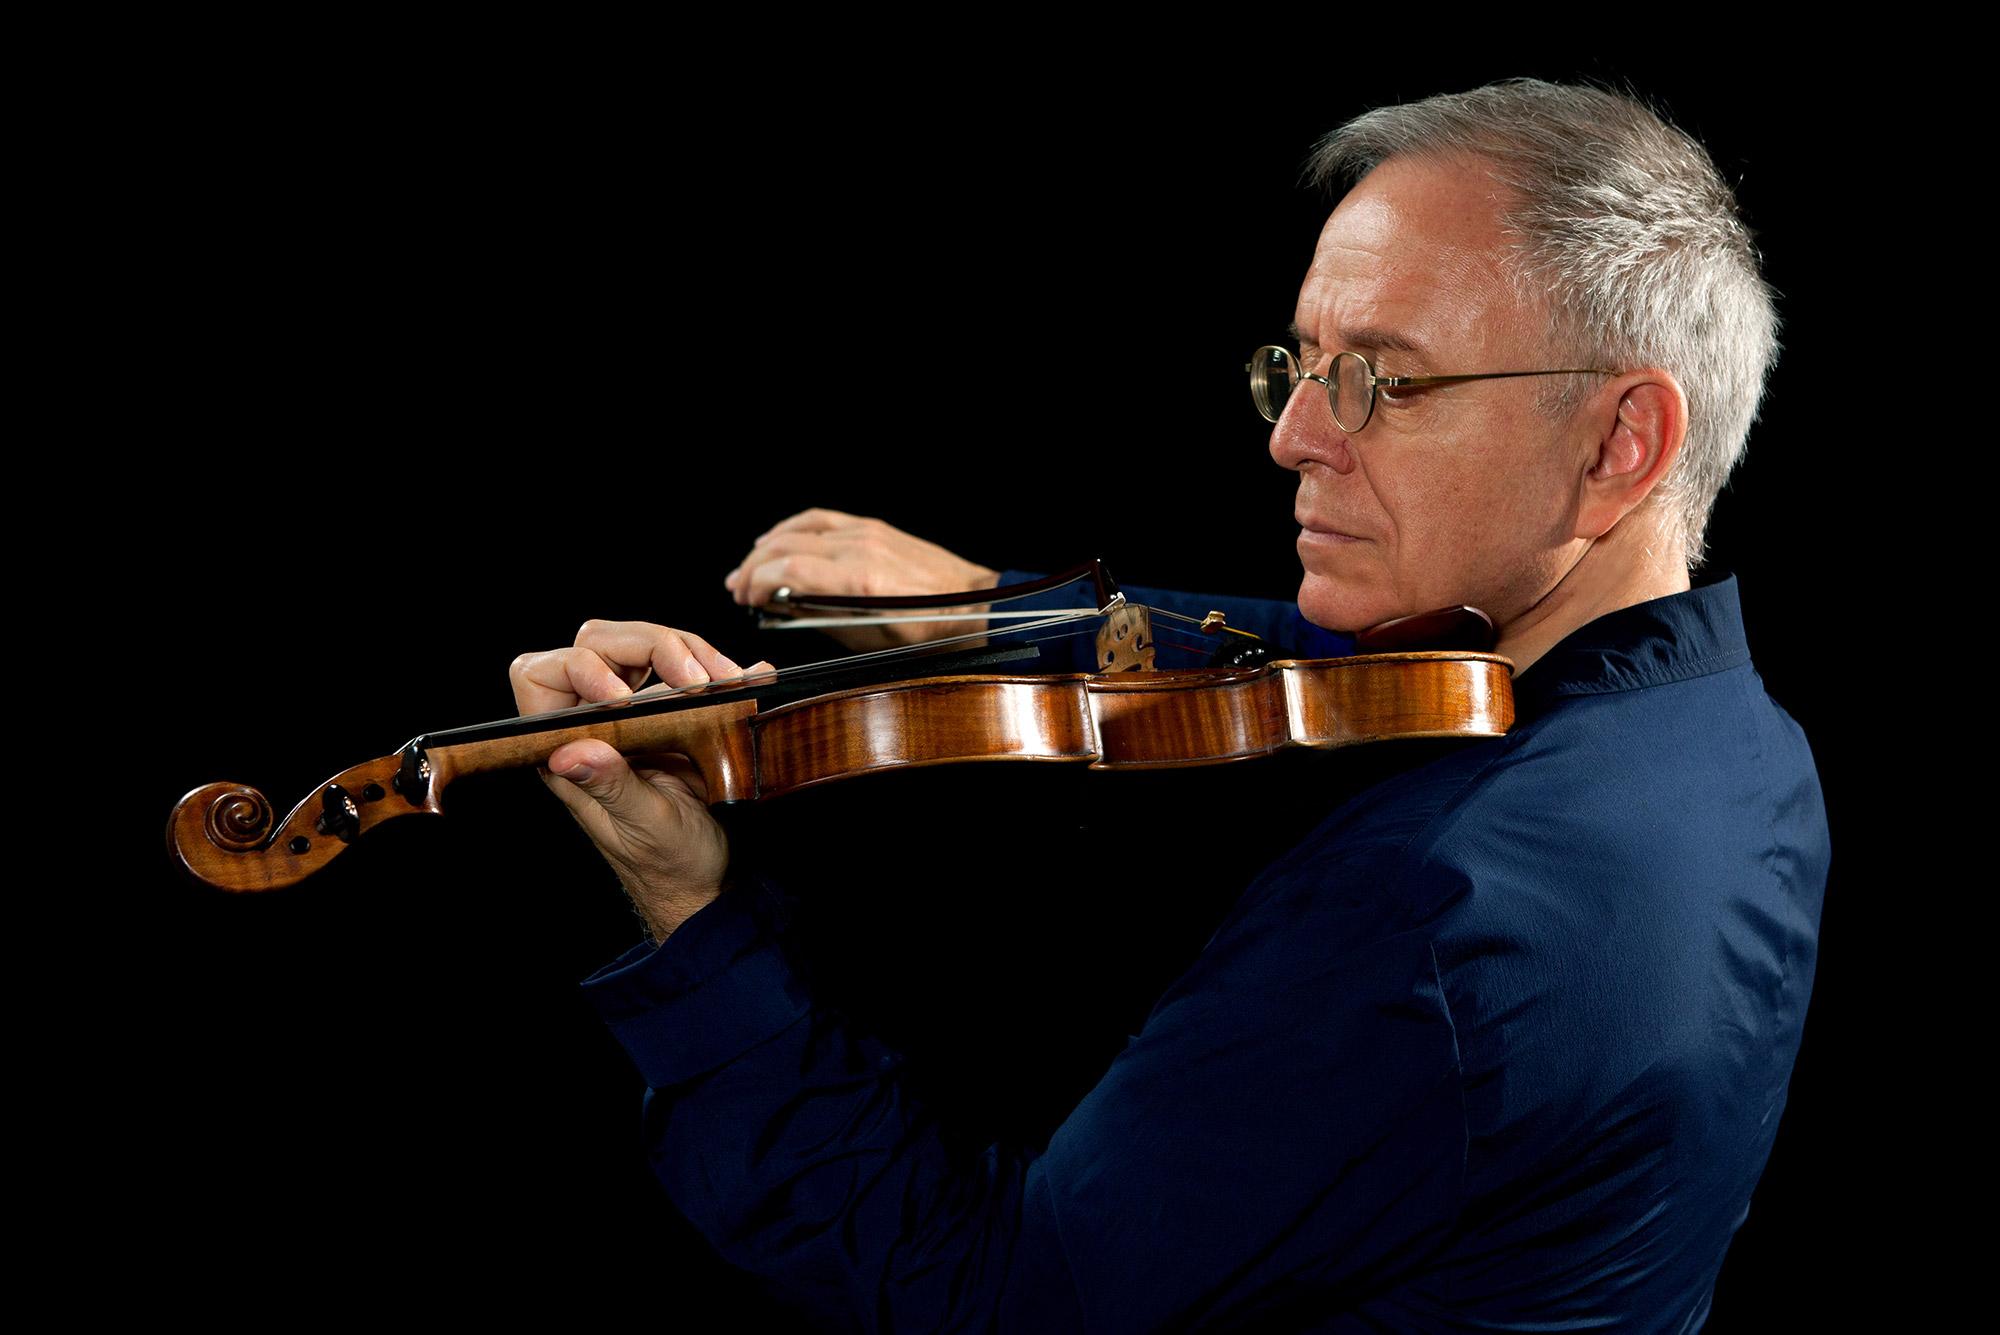 Teilnehmerkonzert Meisterkurs Boris Garlitsky, Violine & Elena Garlitsky, Klavier